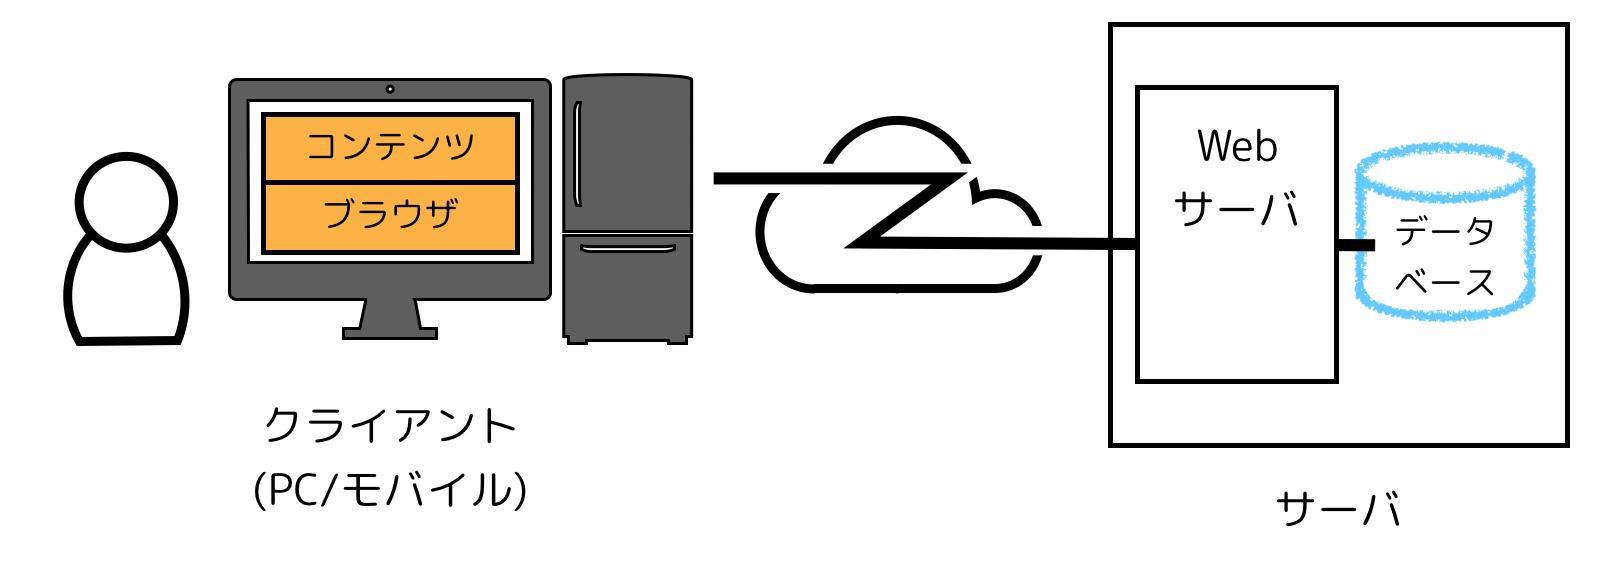 image.png (91.7 kB)